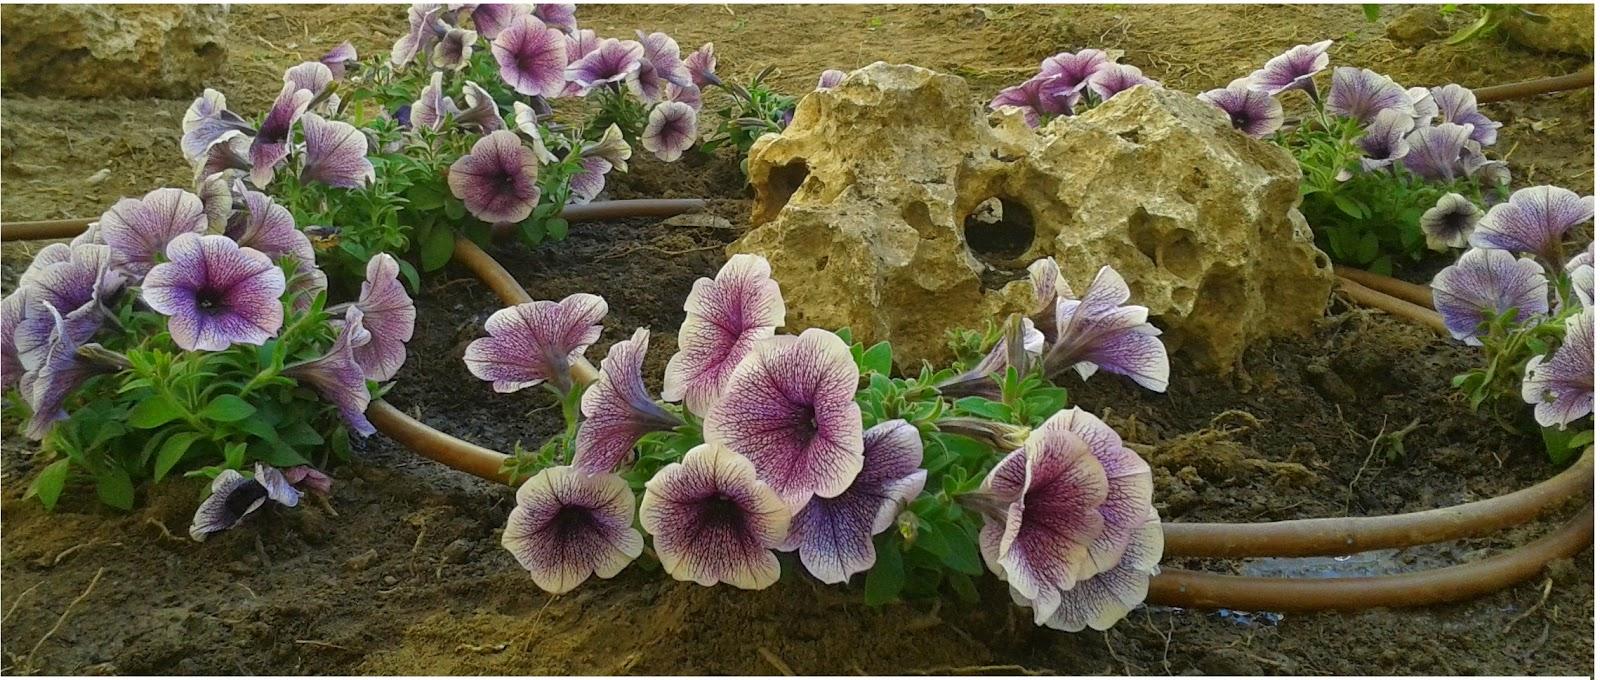 Petunias curiosidades y consejos mantenimiento de - Empresa jardineria malaga ...